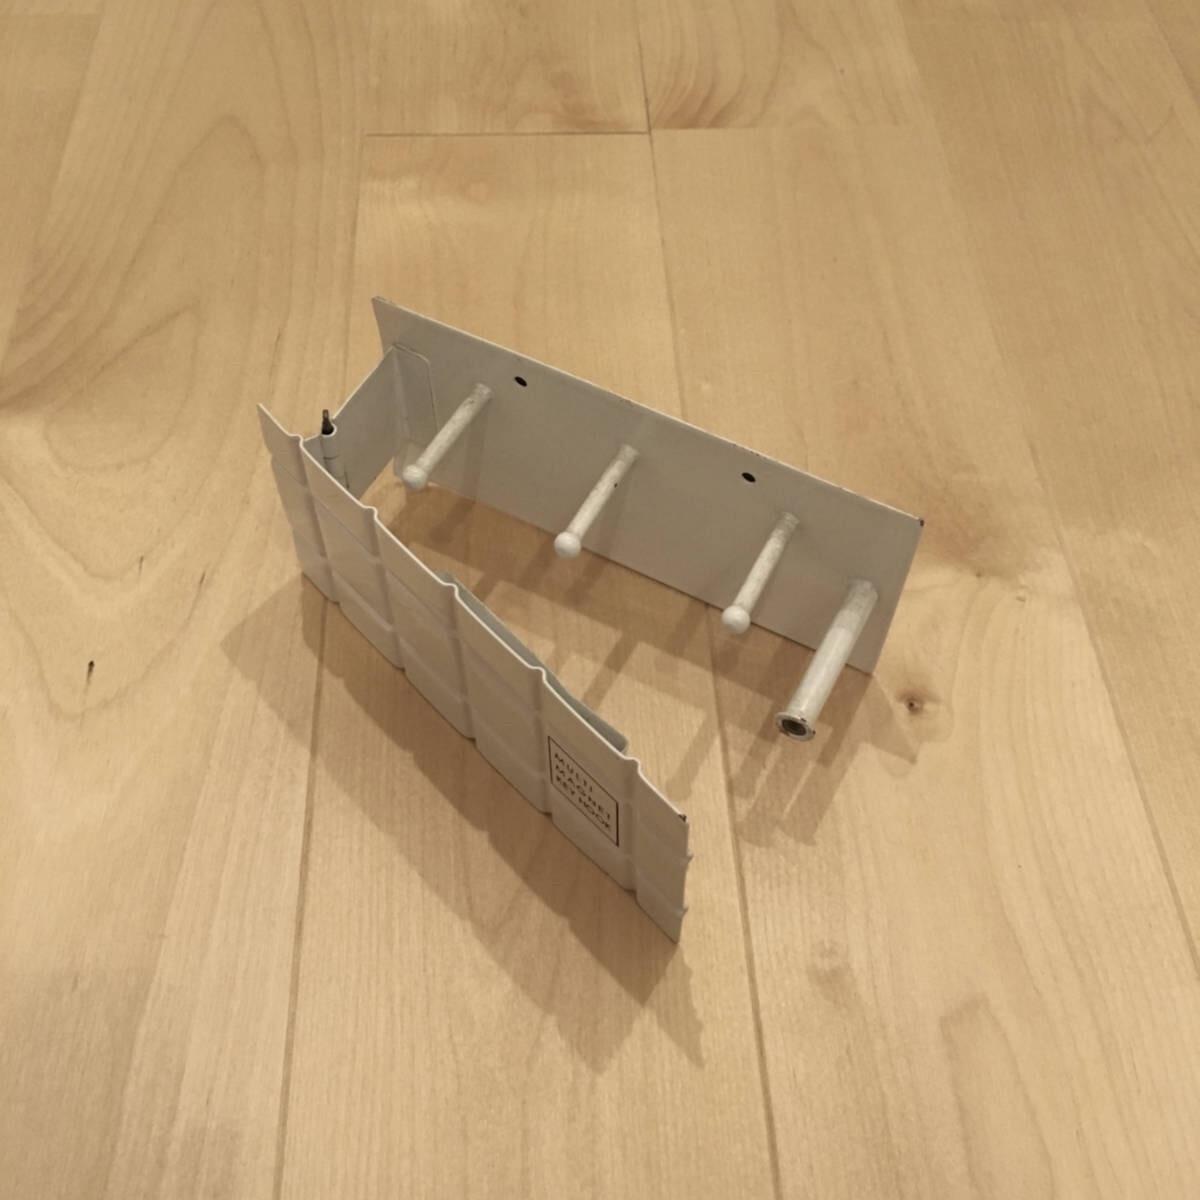 鍵が3つ、印鑑が1つ収納できる、マグネット式のホルダー